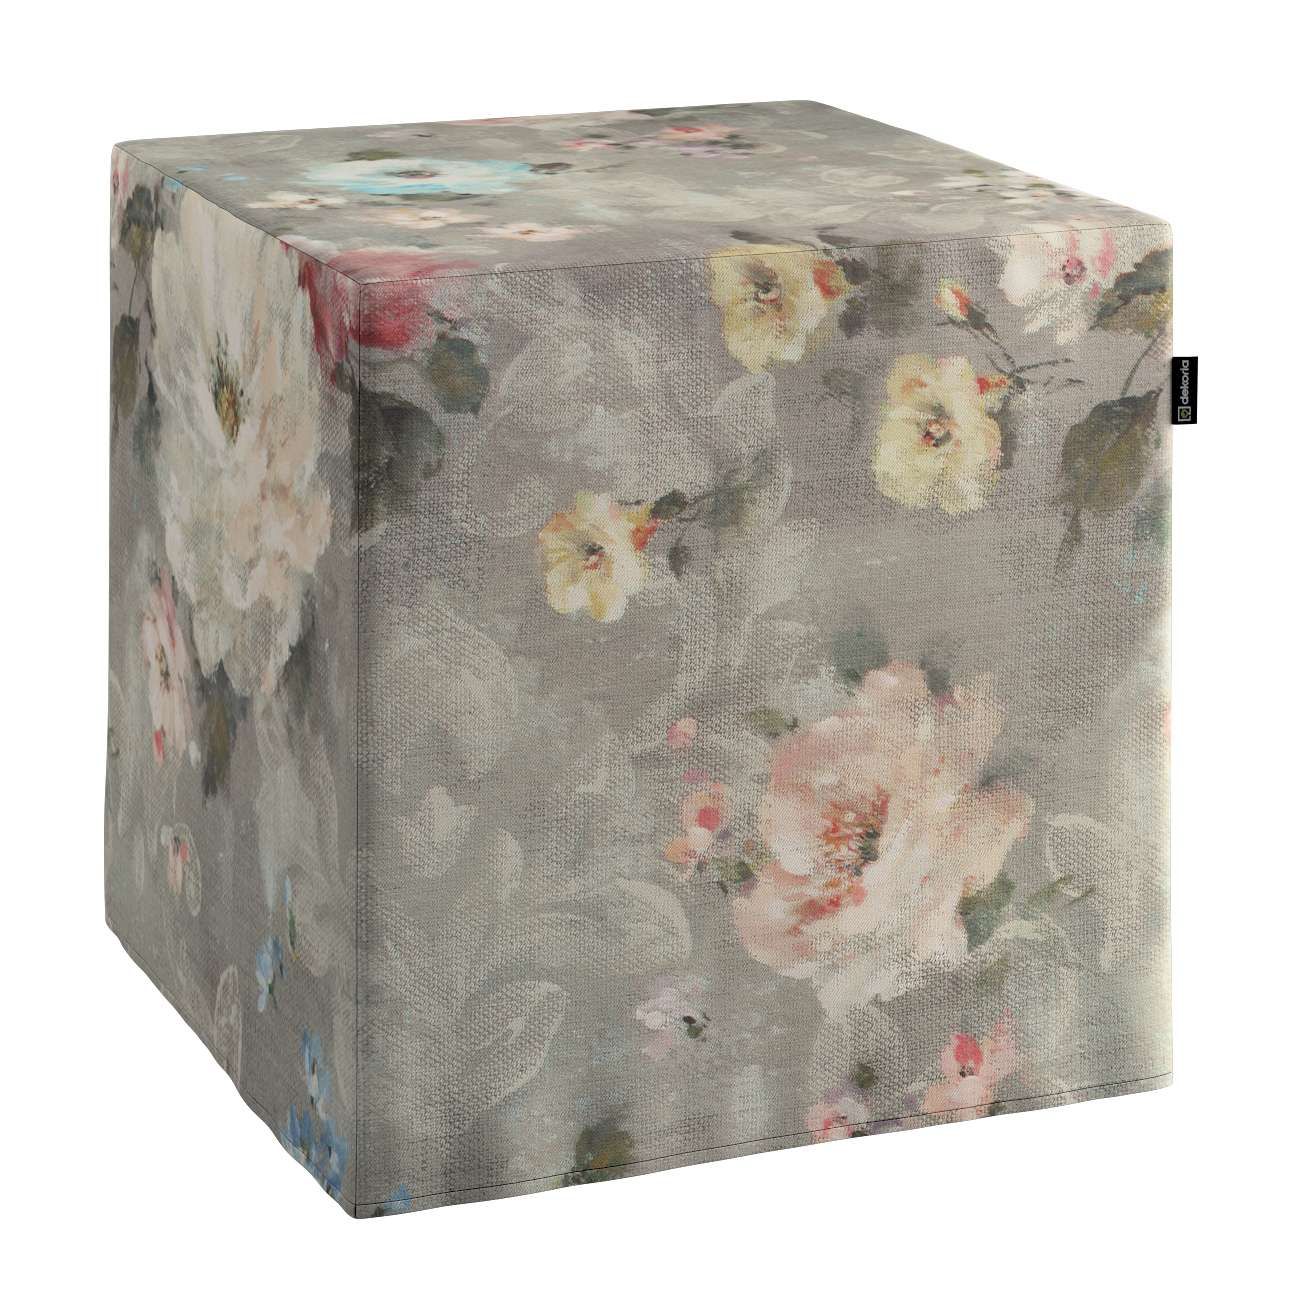 Sedák kostka - pevná 40 x 40 x 40 cm v kolekci Monet, látka: 137-81